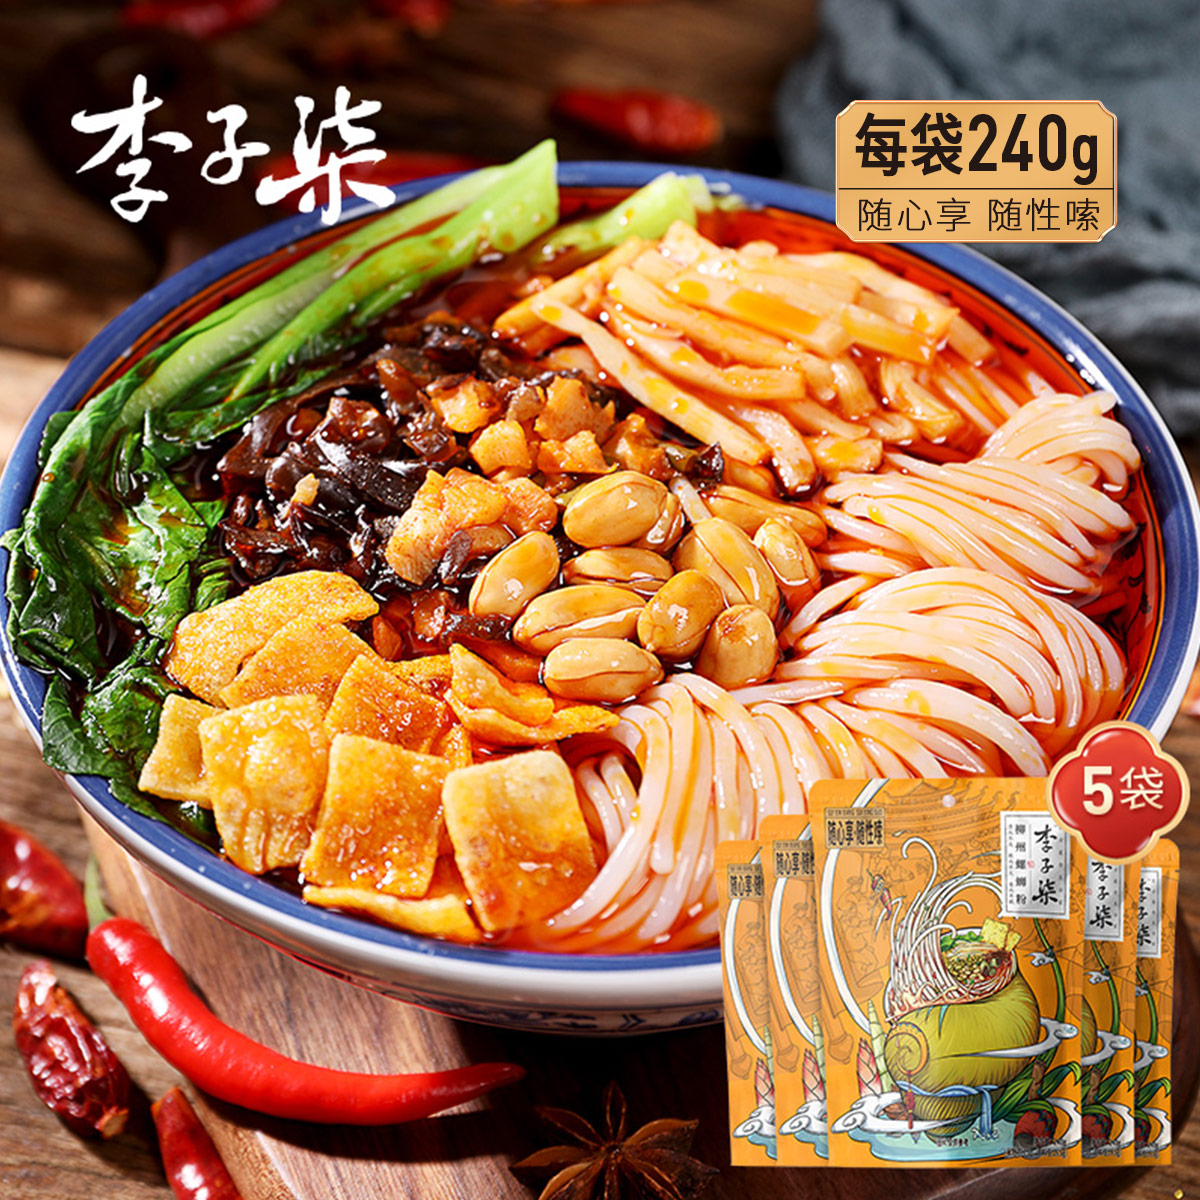 李子柒 螺狮粉 240g*5袋